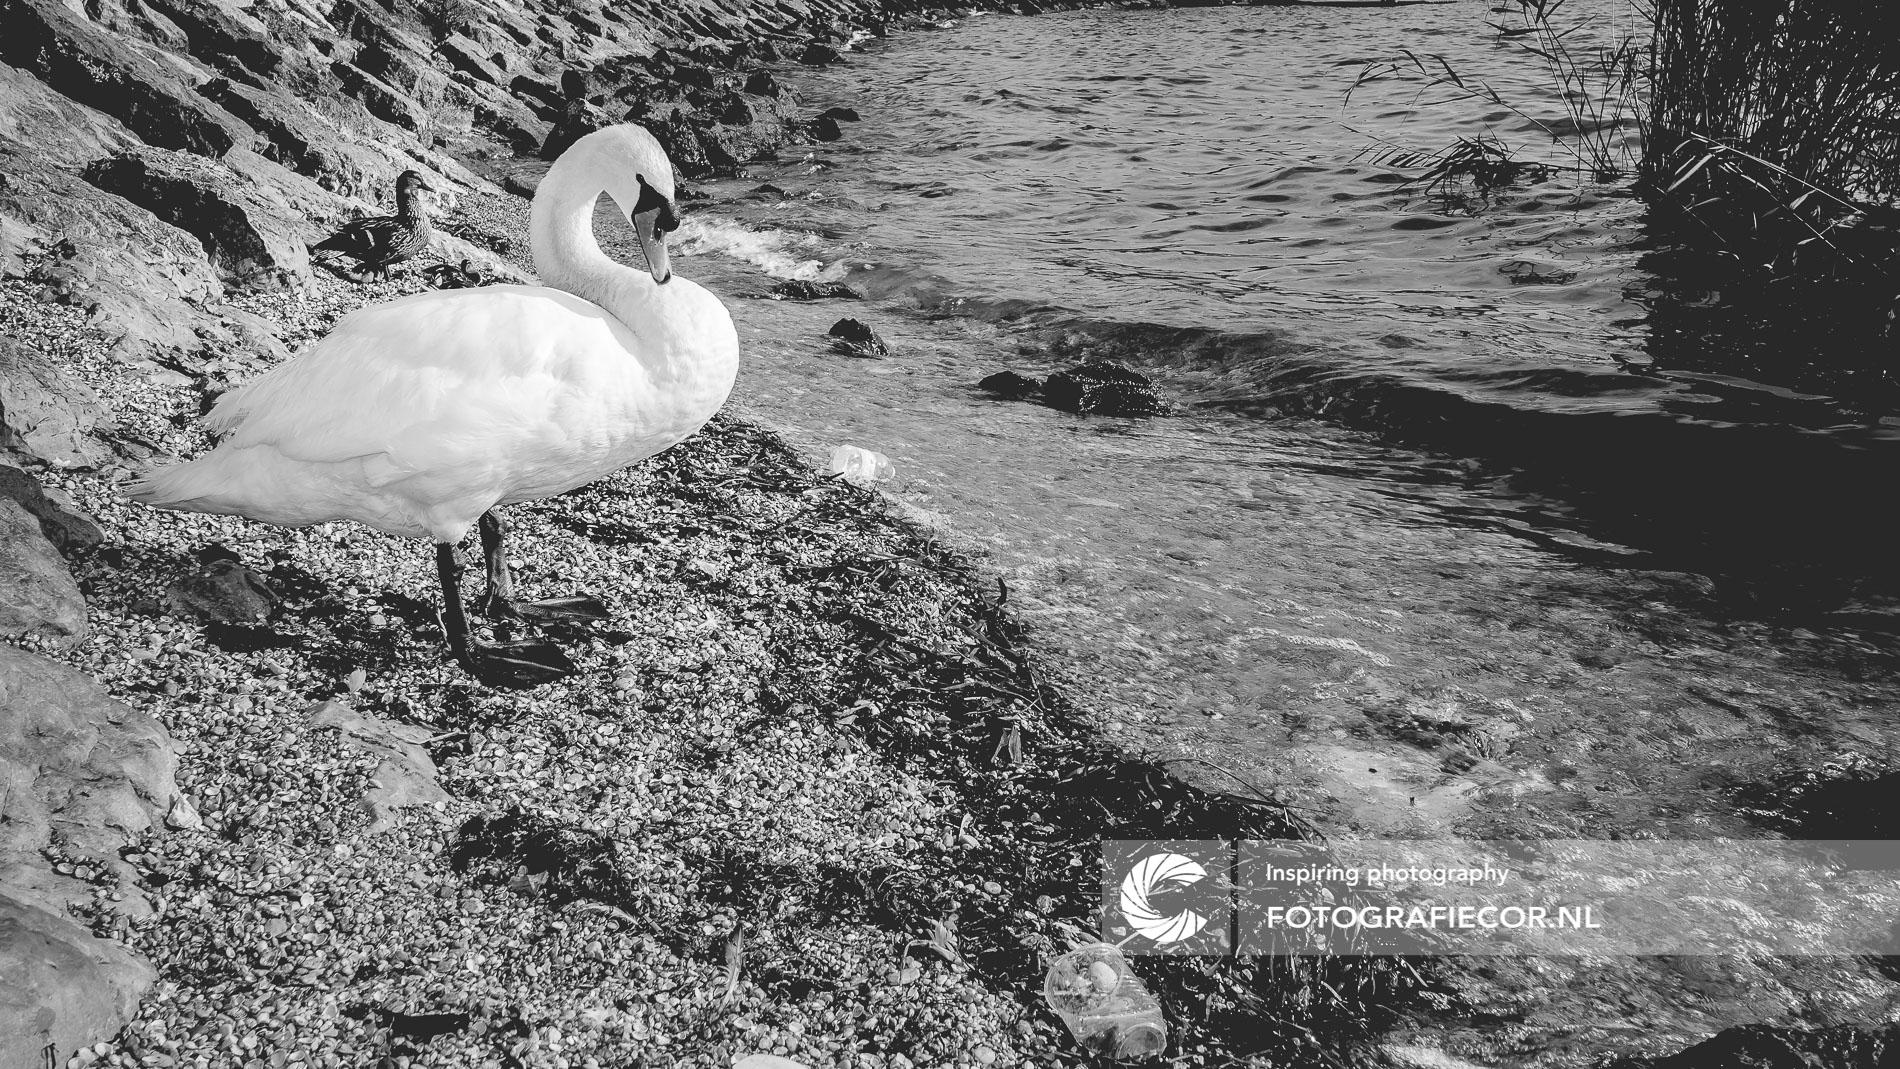 Witte knobbelzwaan Gardameer, Italië